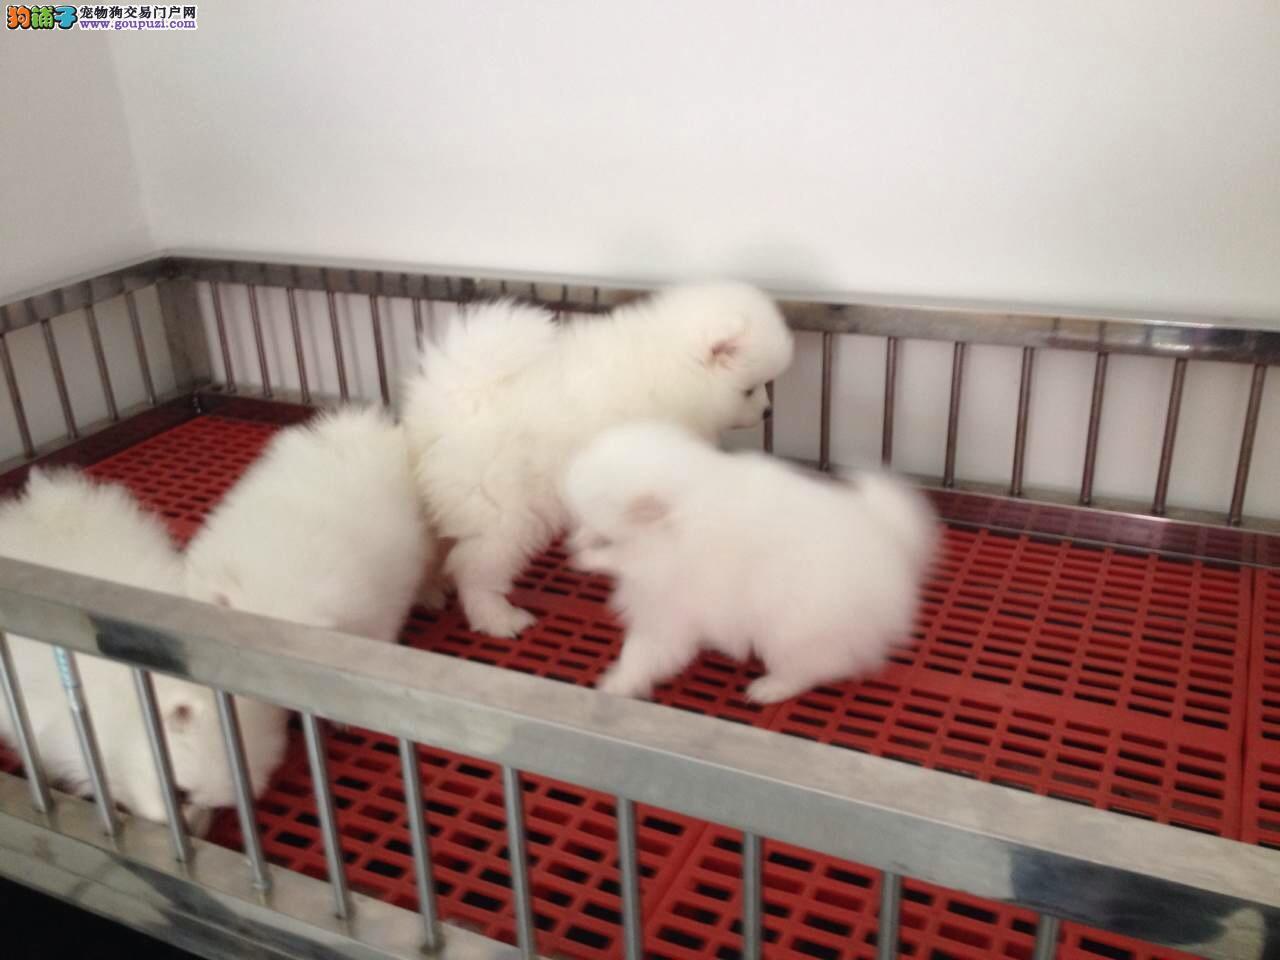 徐汇区博美犬多少钱博美犬照片徐汇区出售博